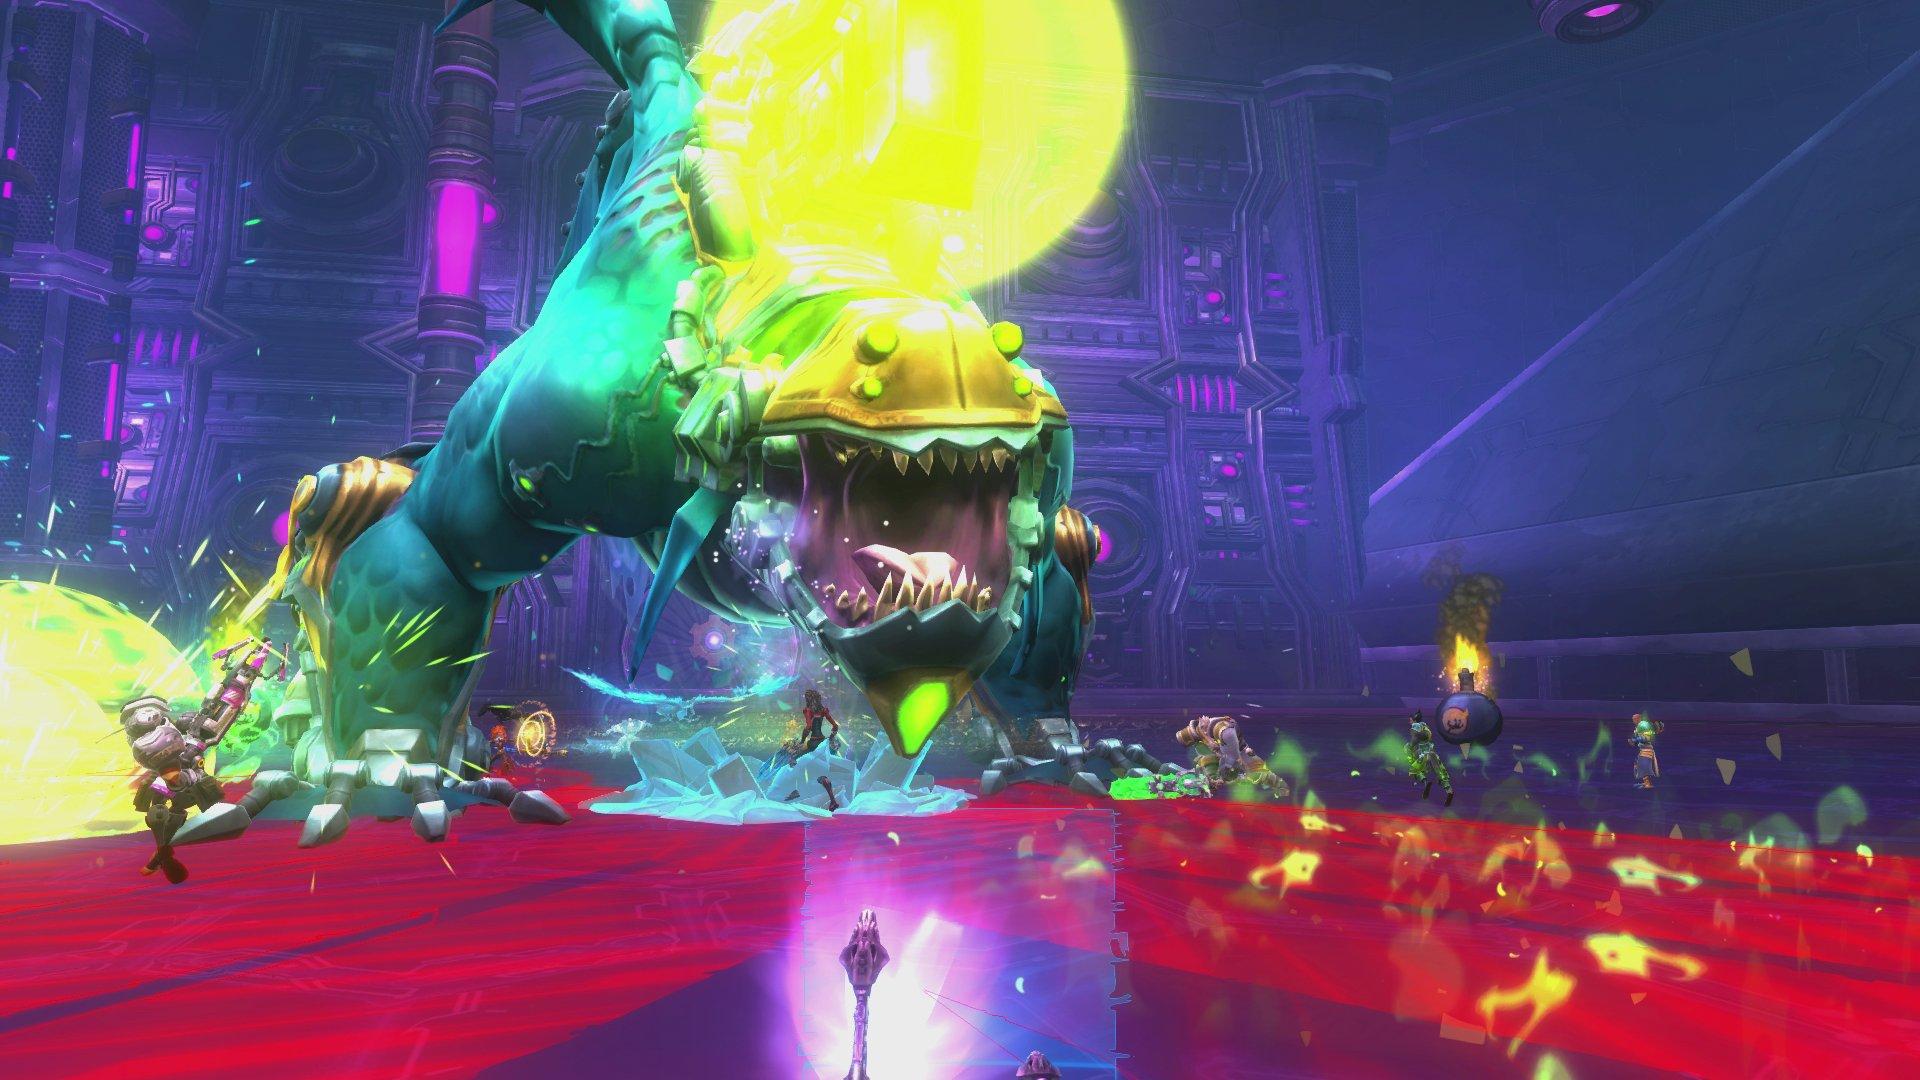 A raid encounter in Wildstar